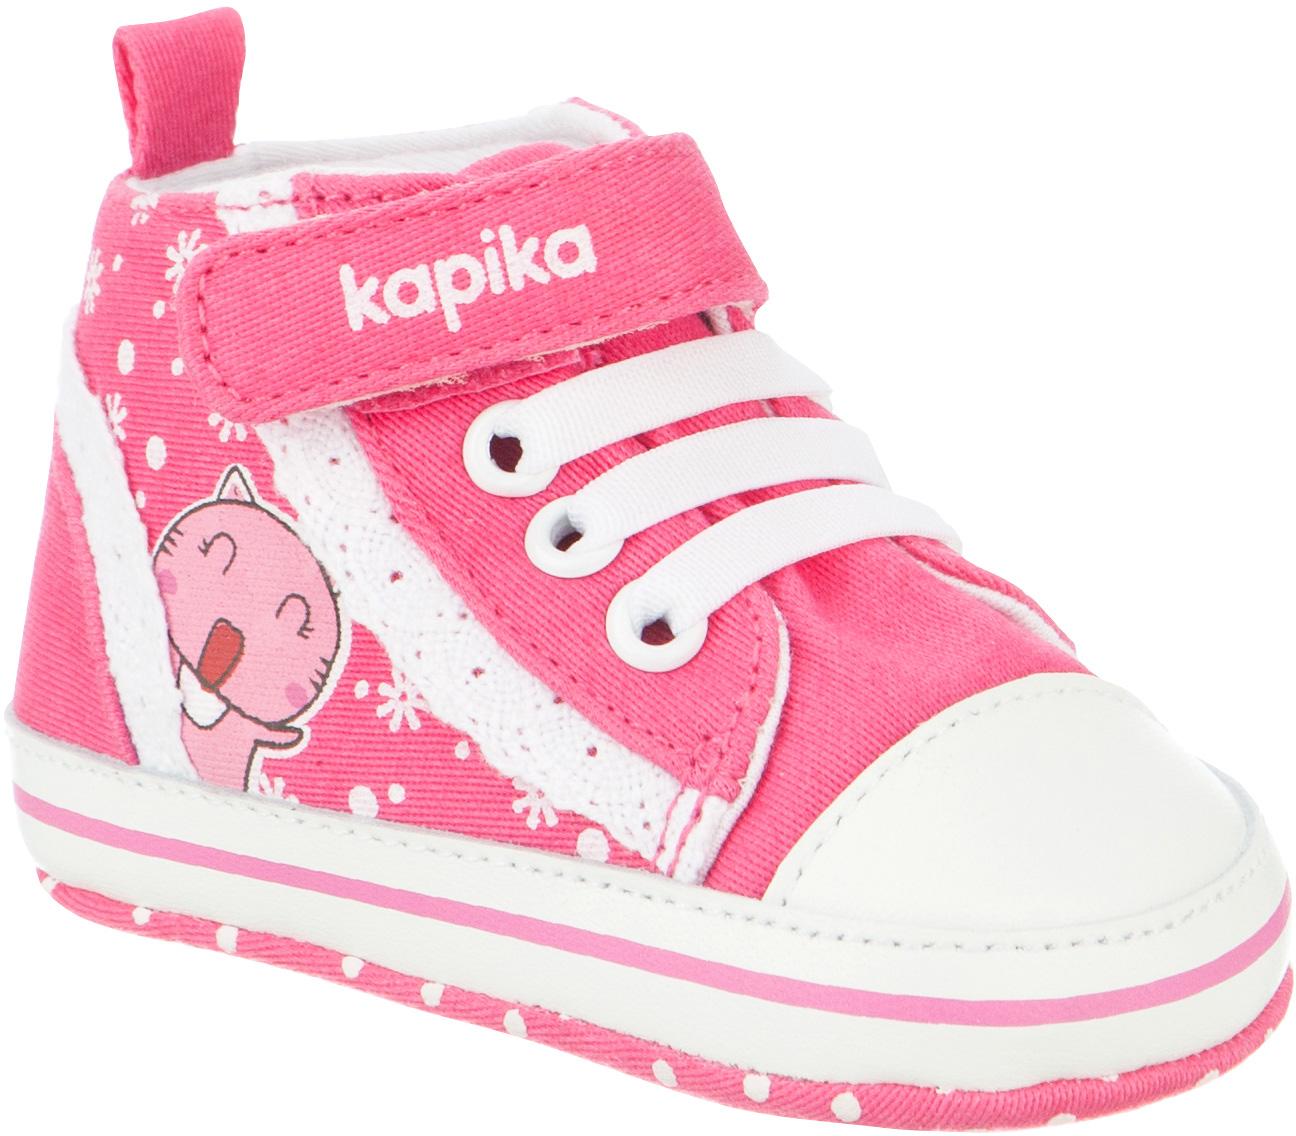 Пинетки детские Kapika, цвет: розовый. 10120. Размер 1610120